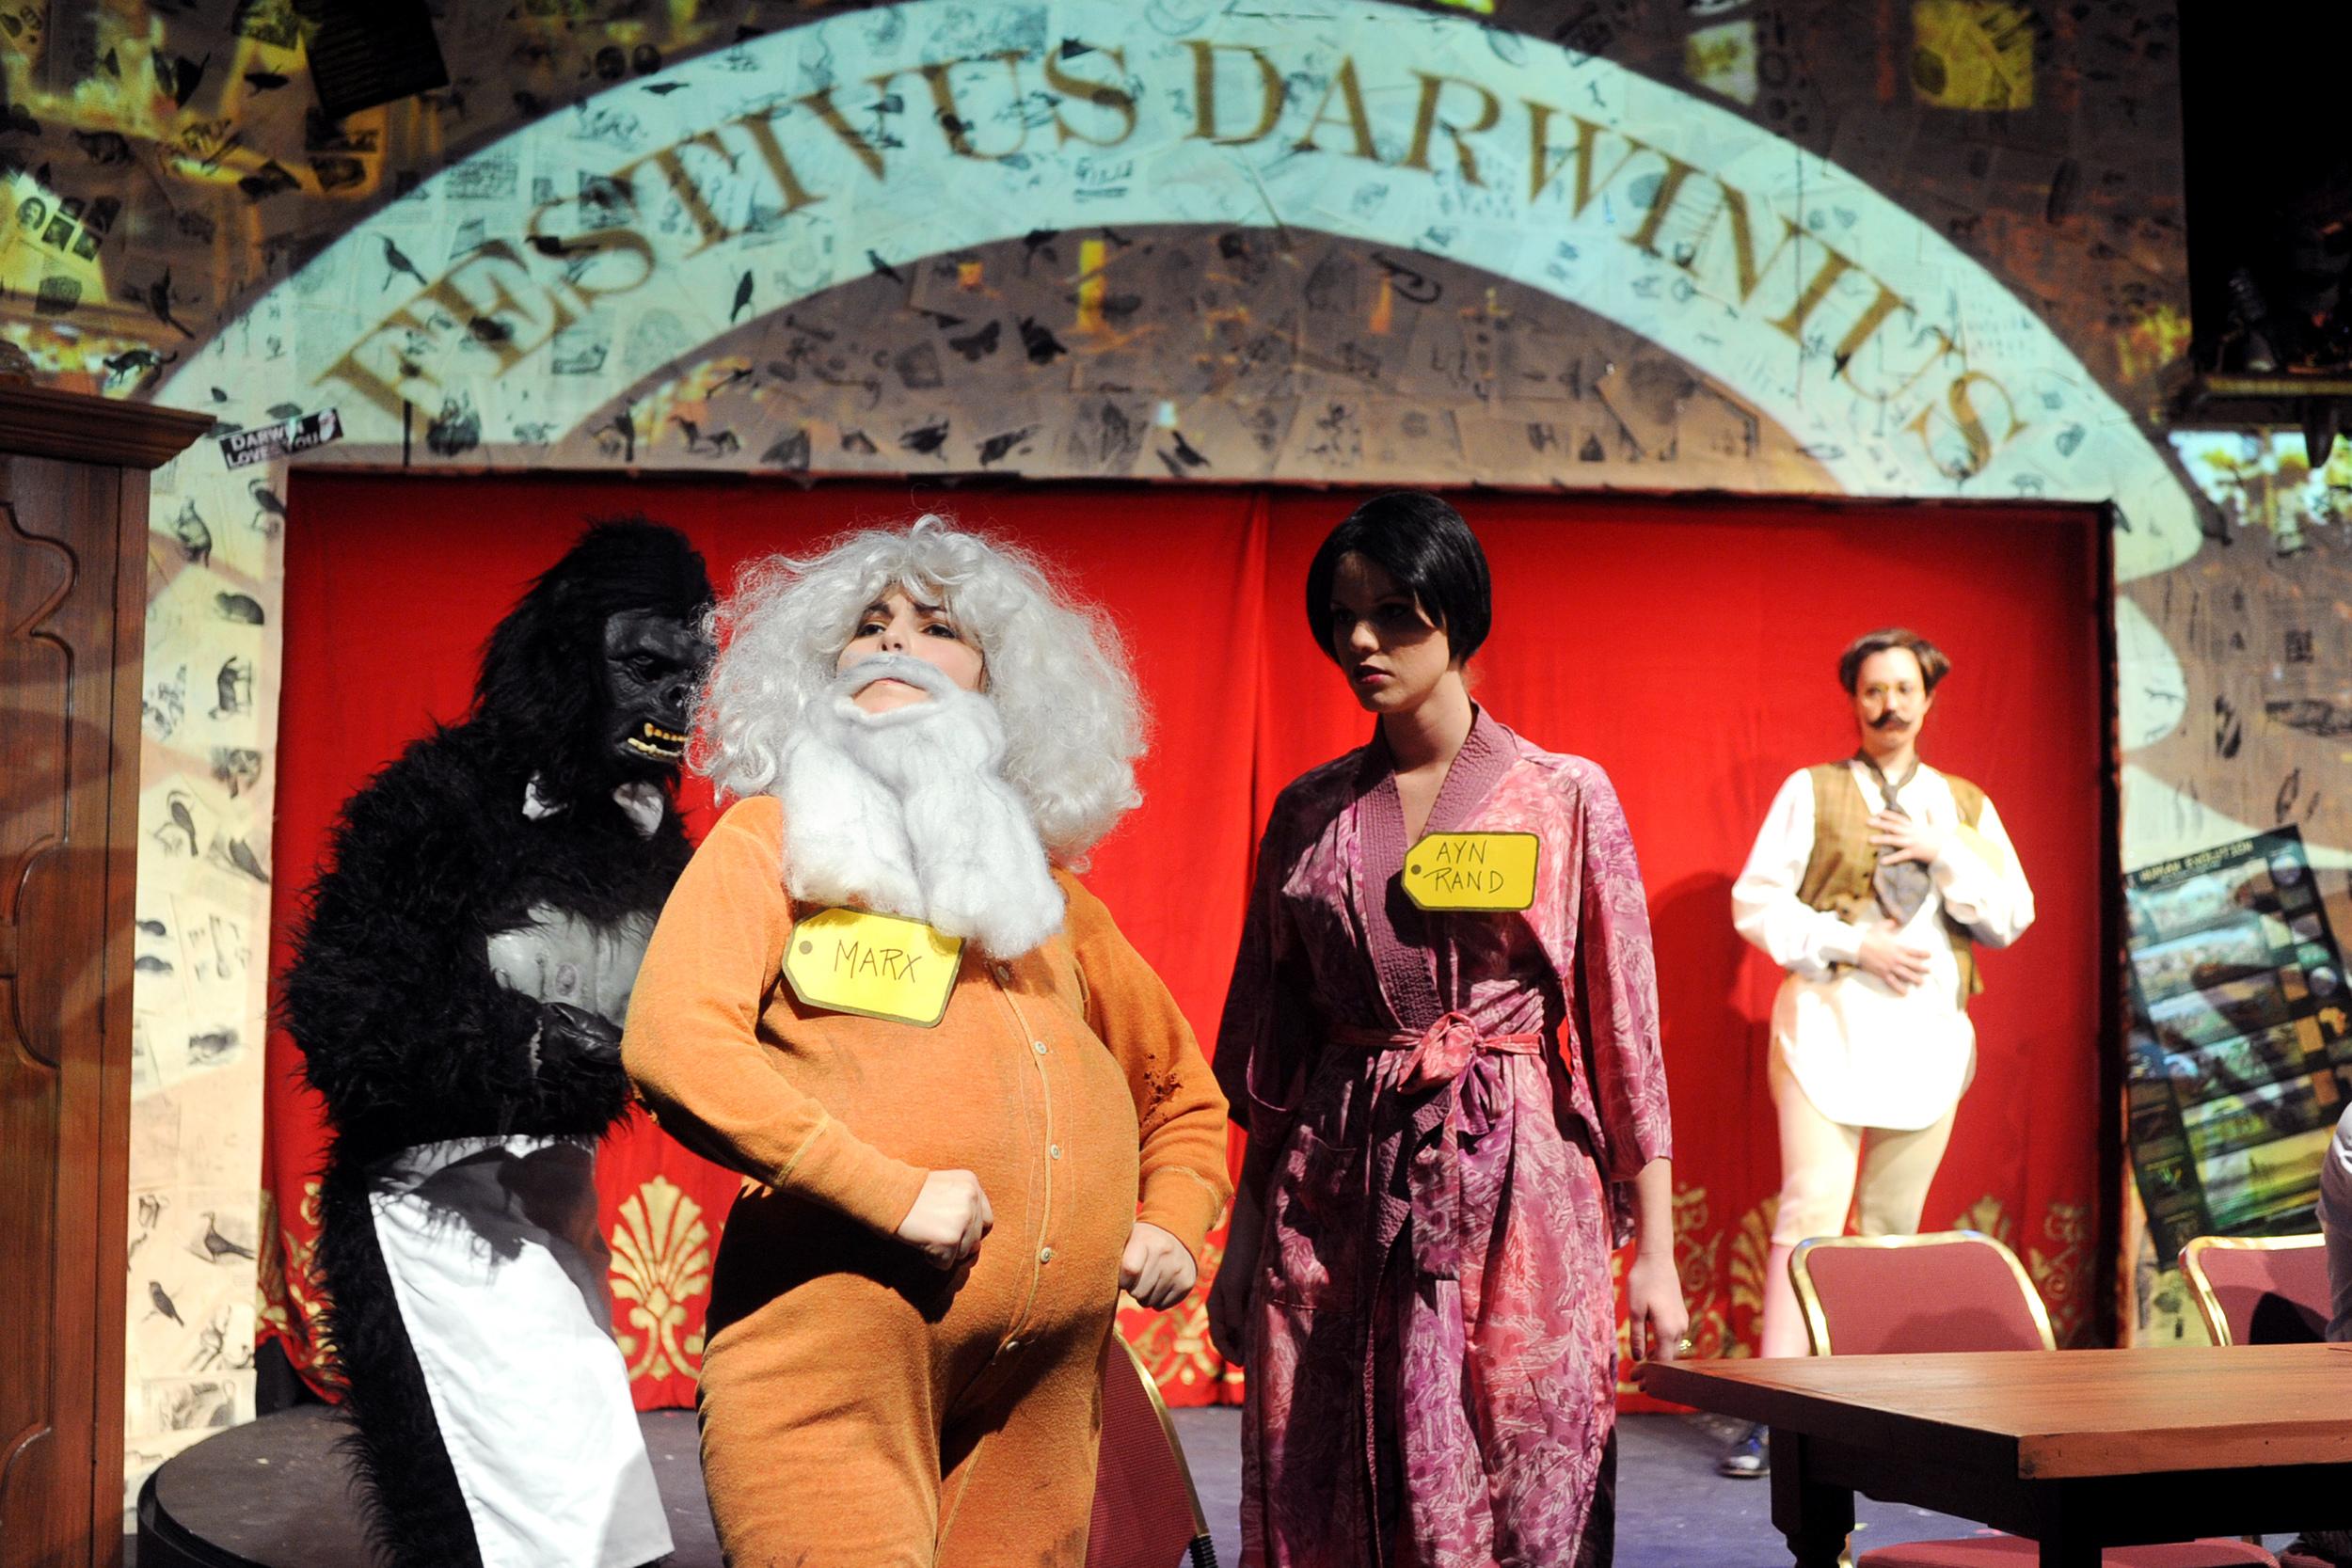 Darwin+dress+204.JPG